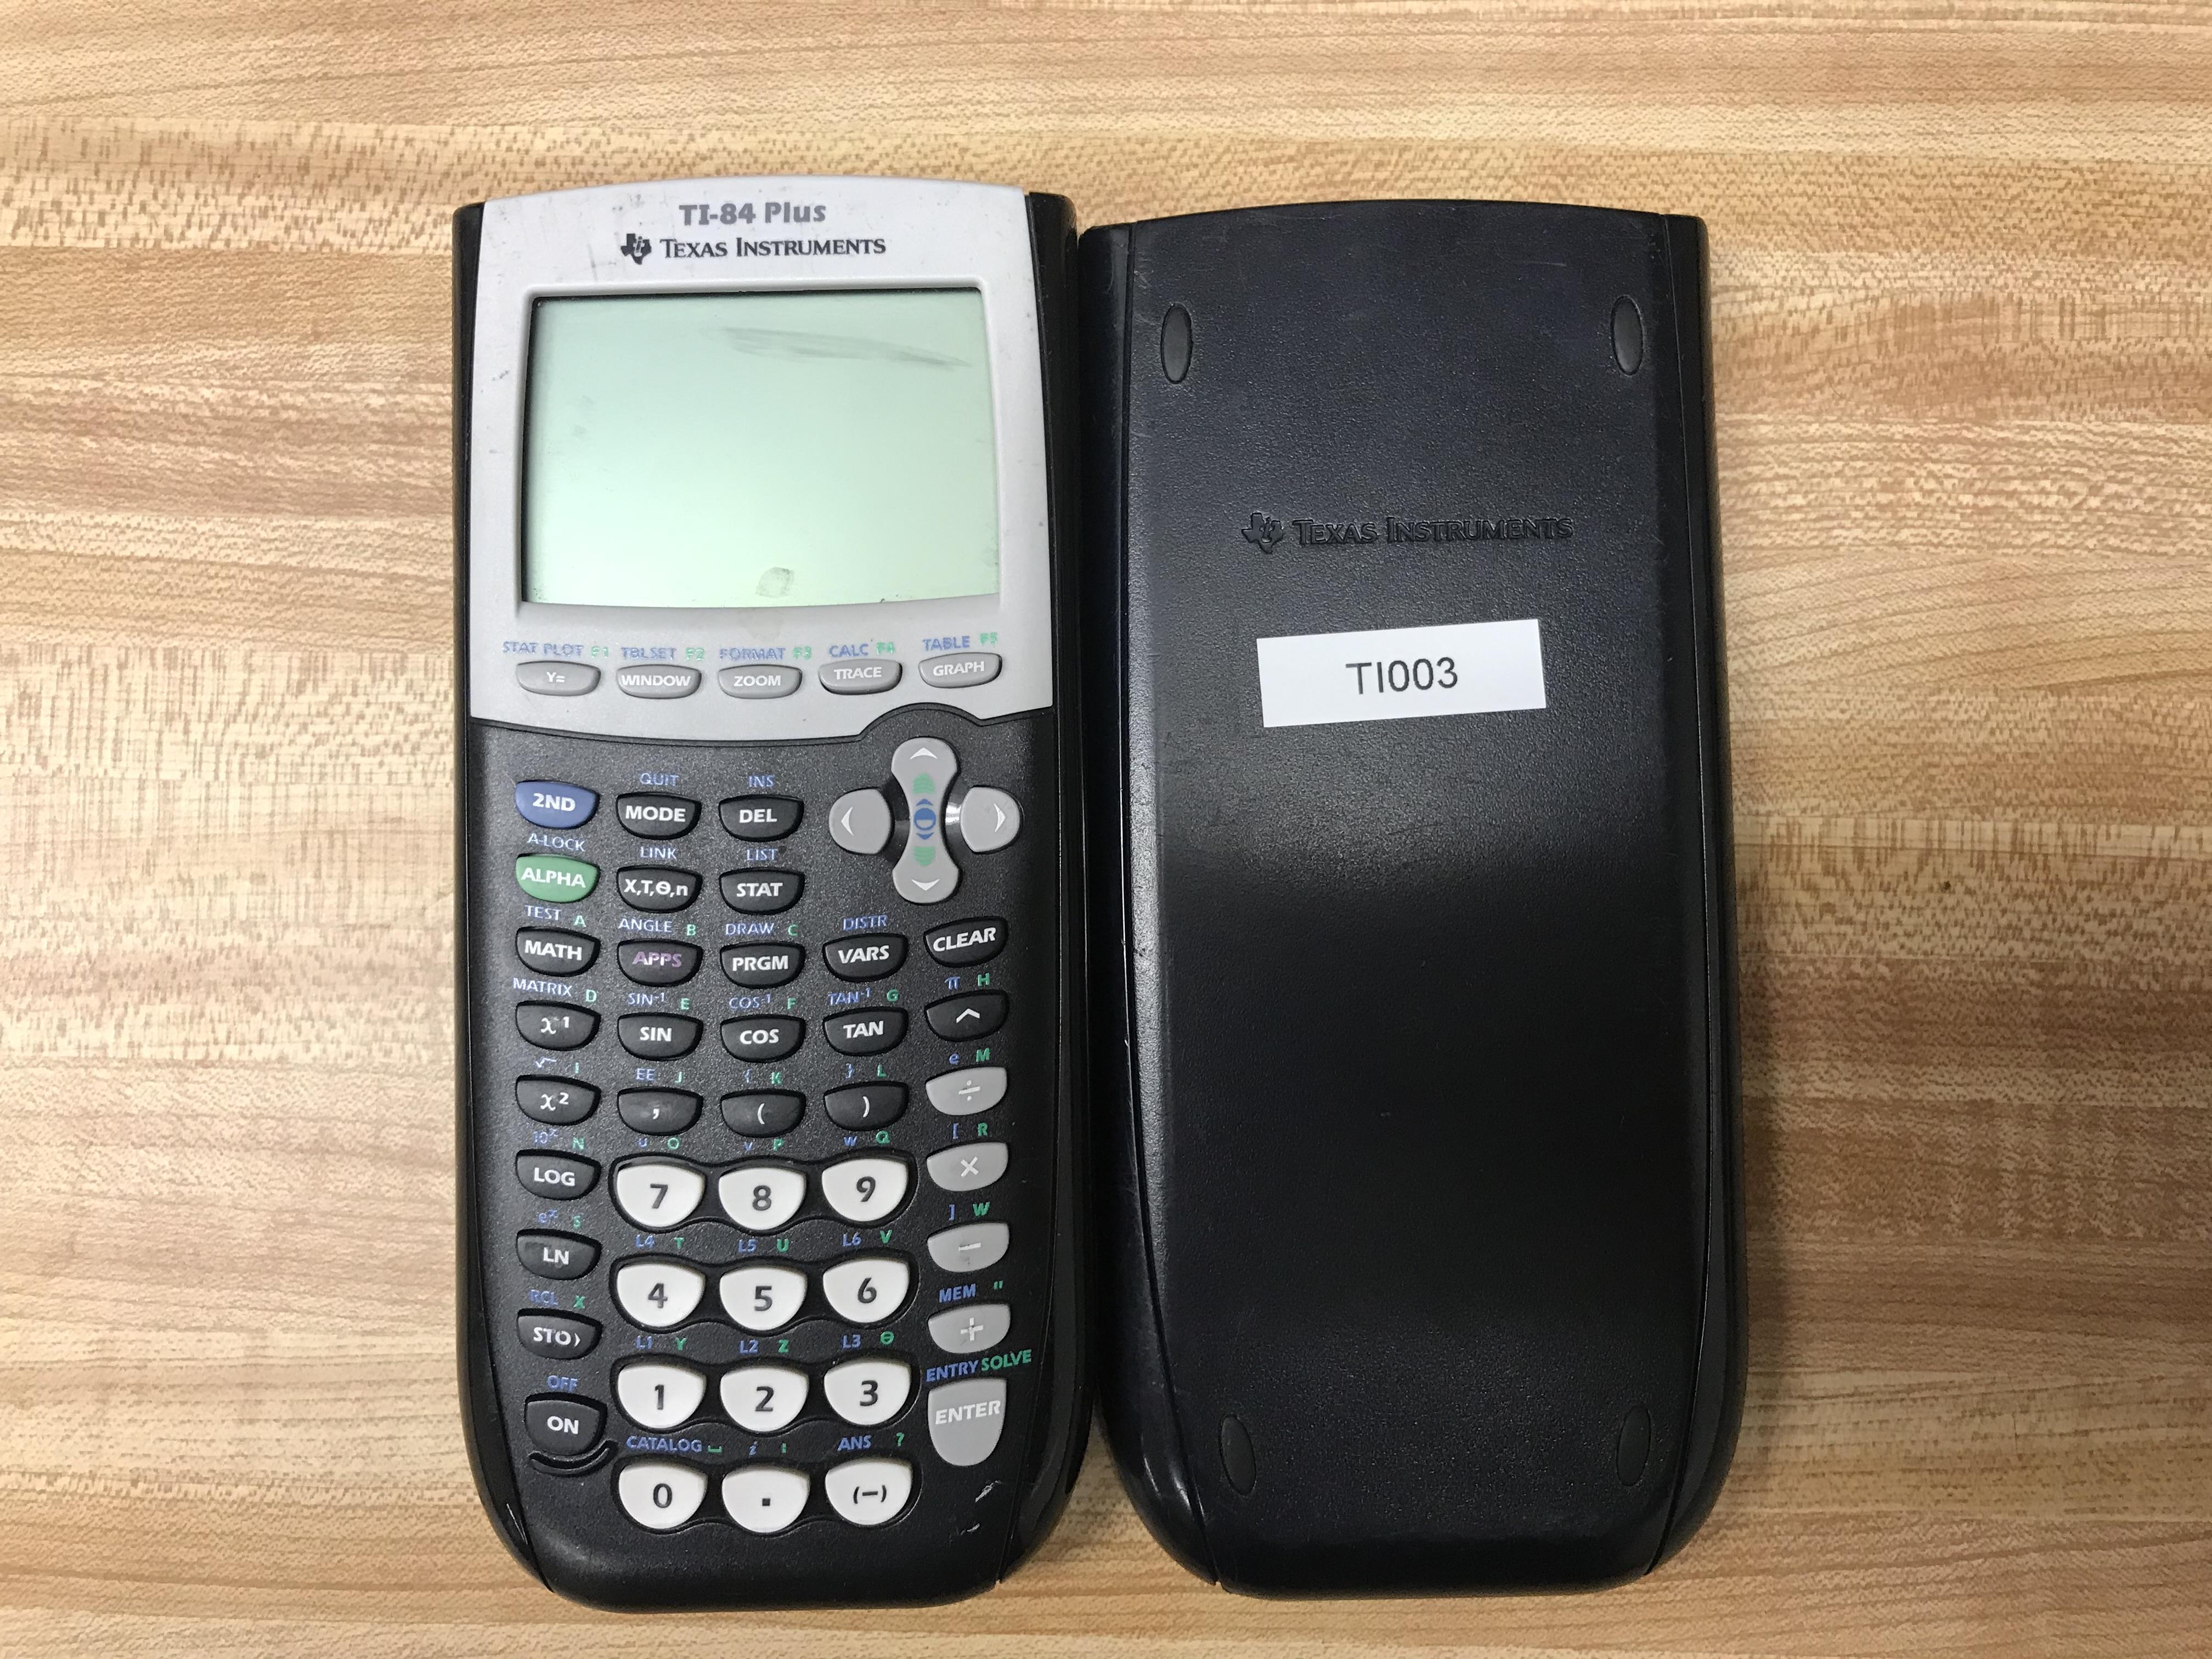 Texas Instruments Calculators